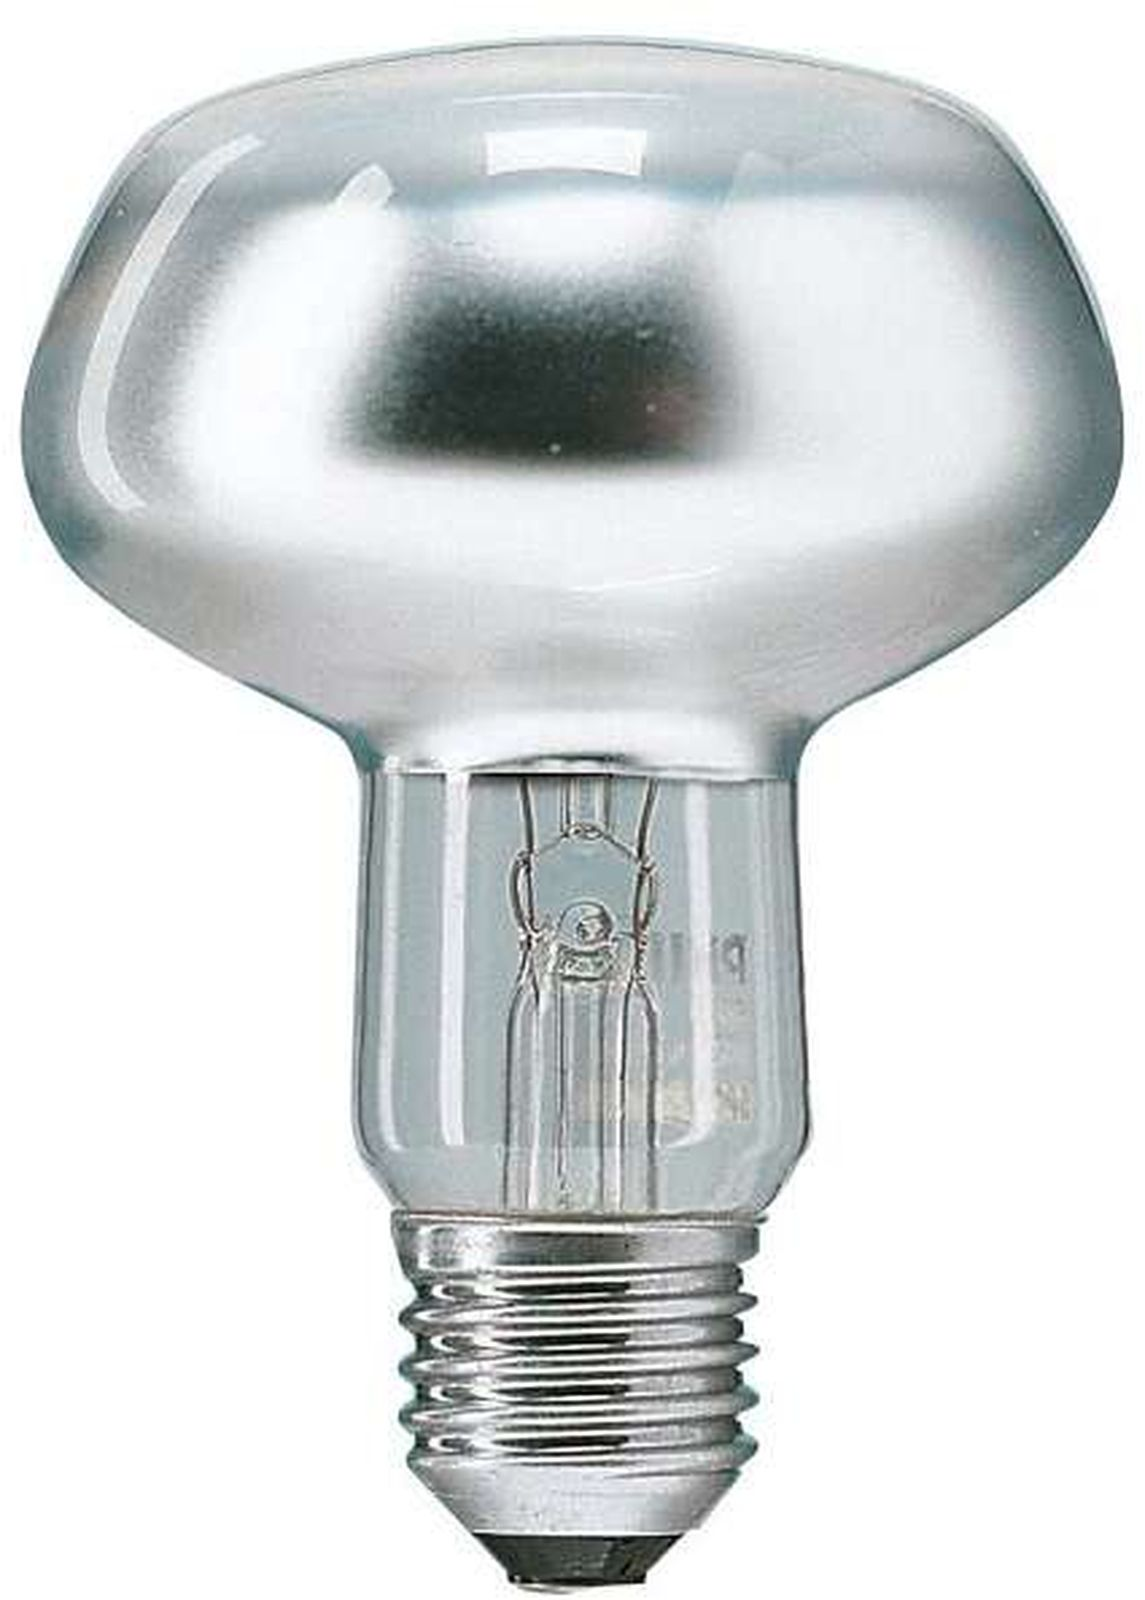 Лампочка Philips Refl, Теплый свет 75 Вт, Накаливания лампа philips spot r80 75вт e27 230в рефлект 25d